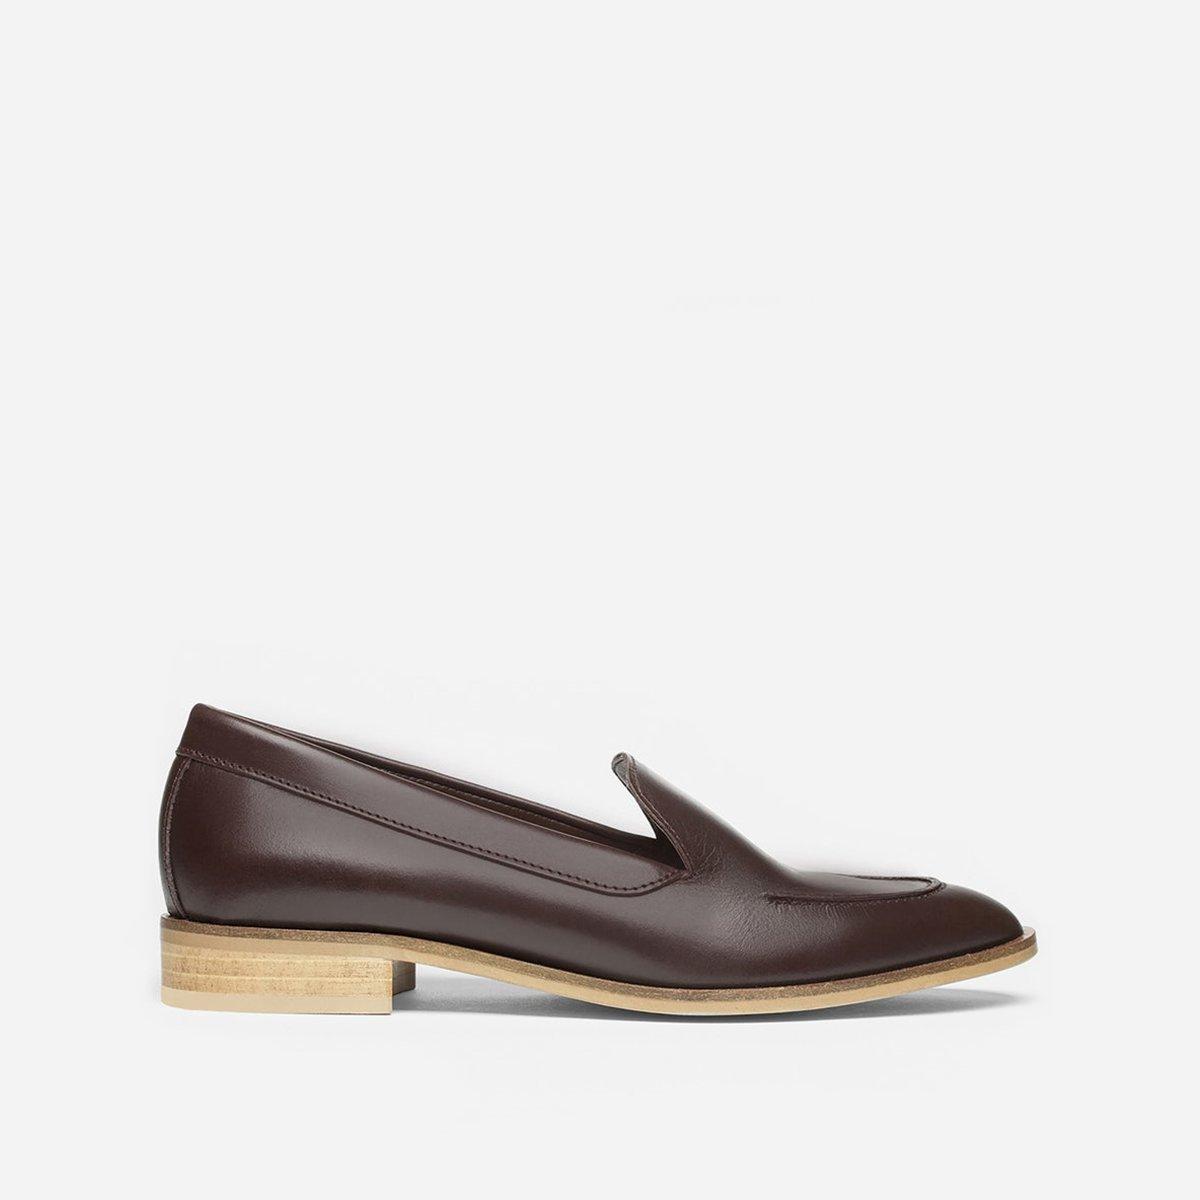 d4d2d70b24 The Modern Loafer